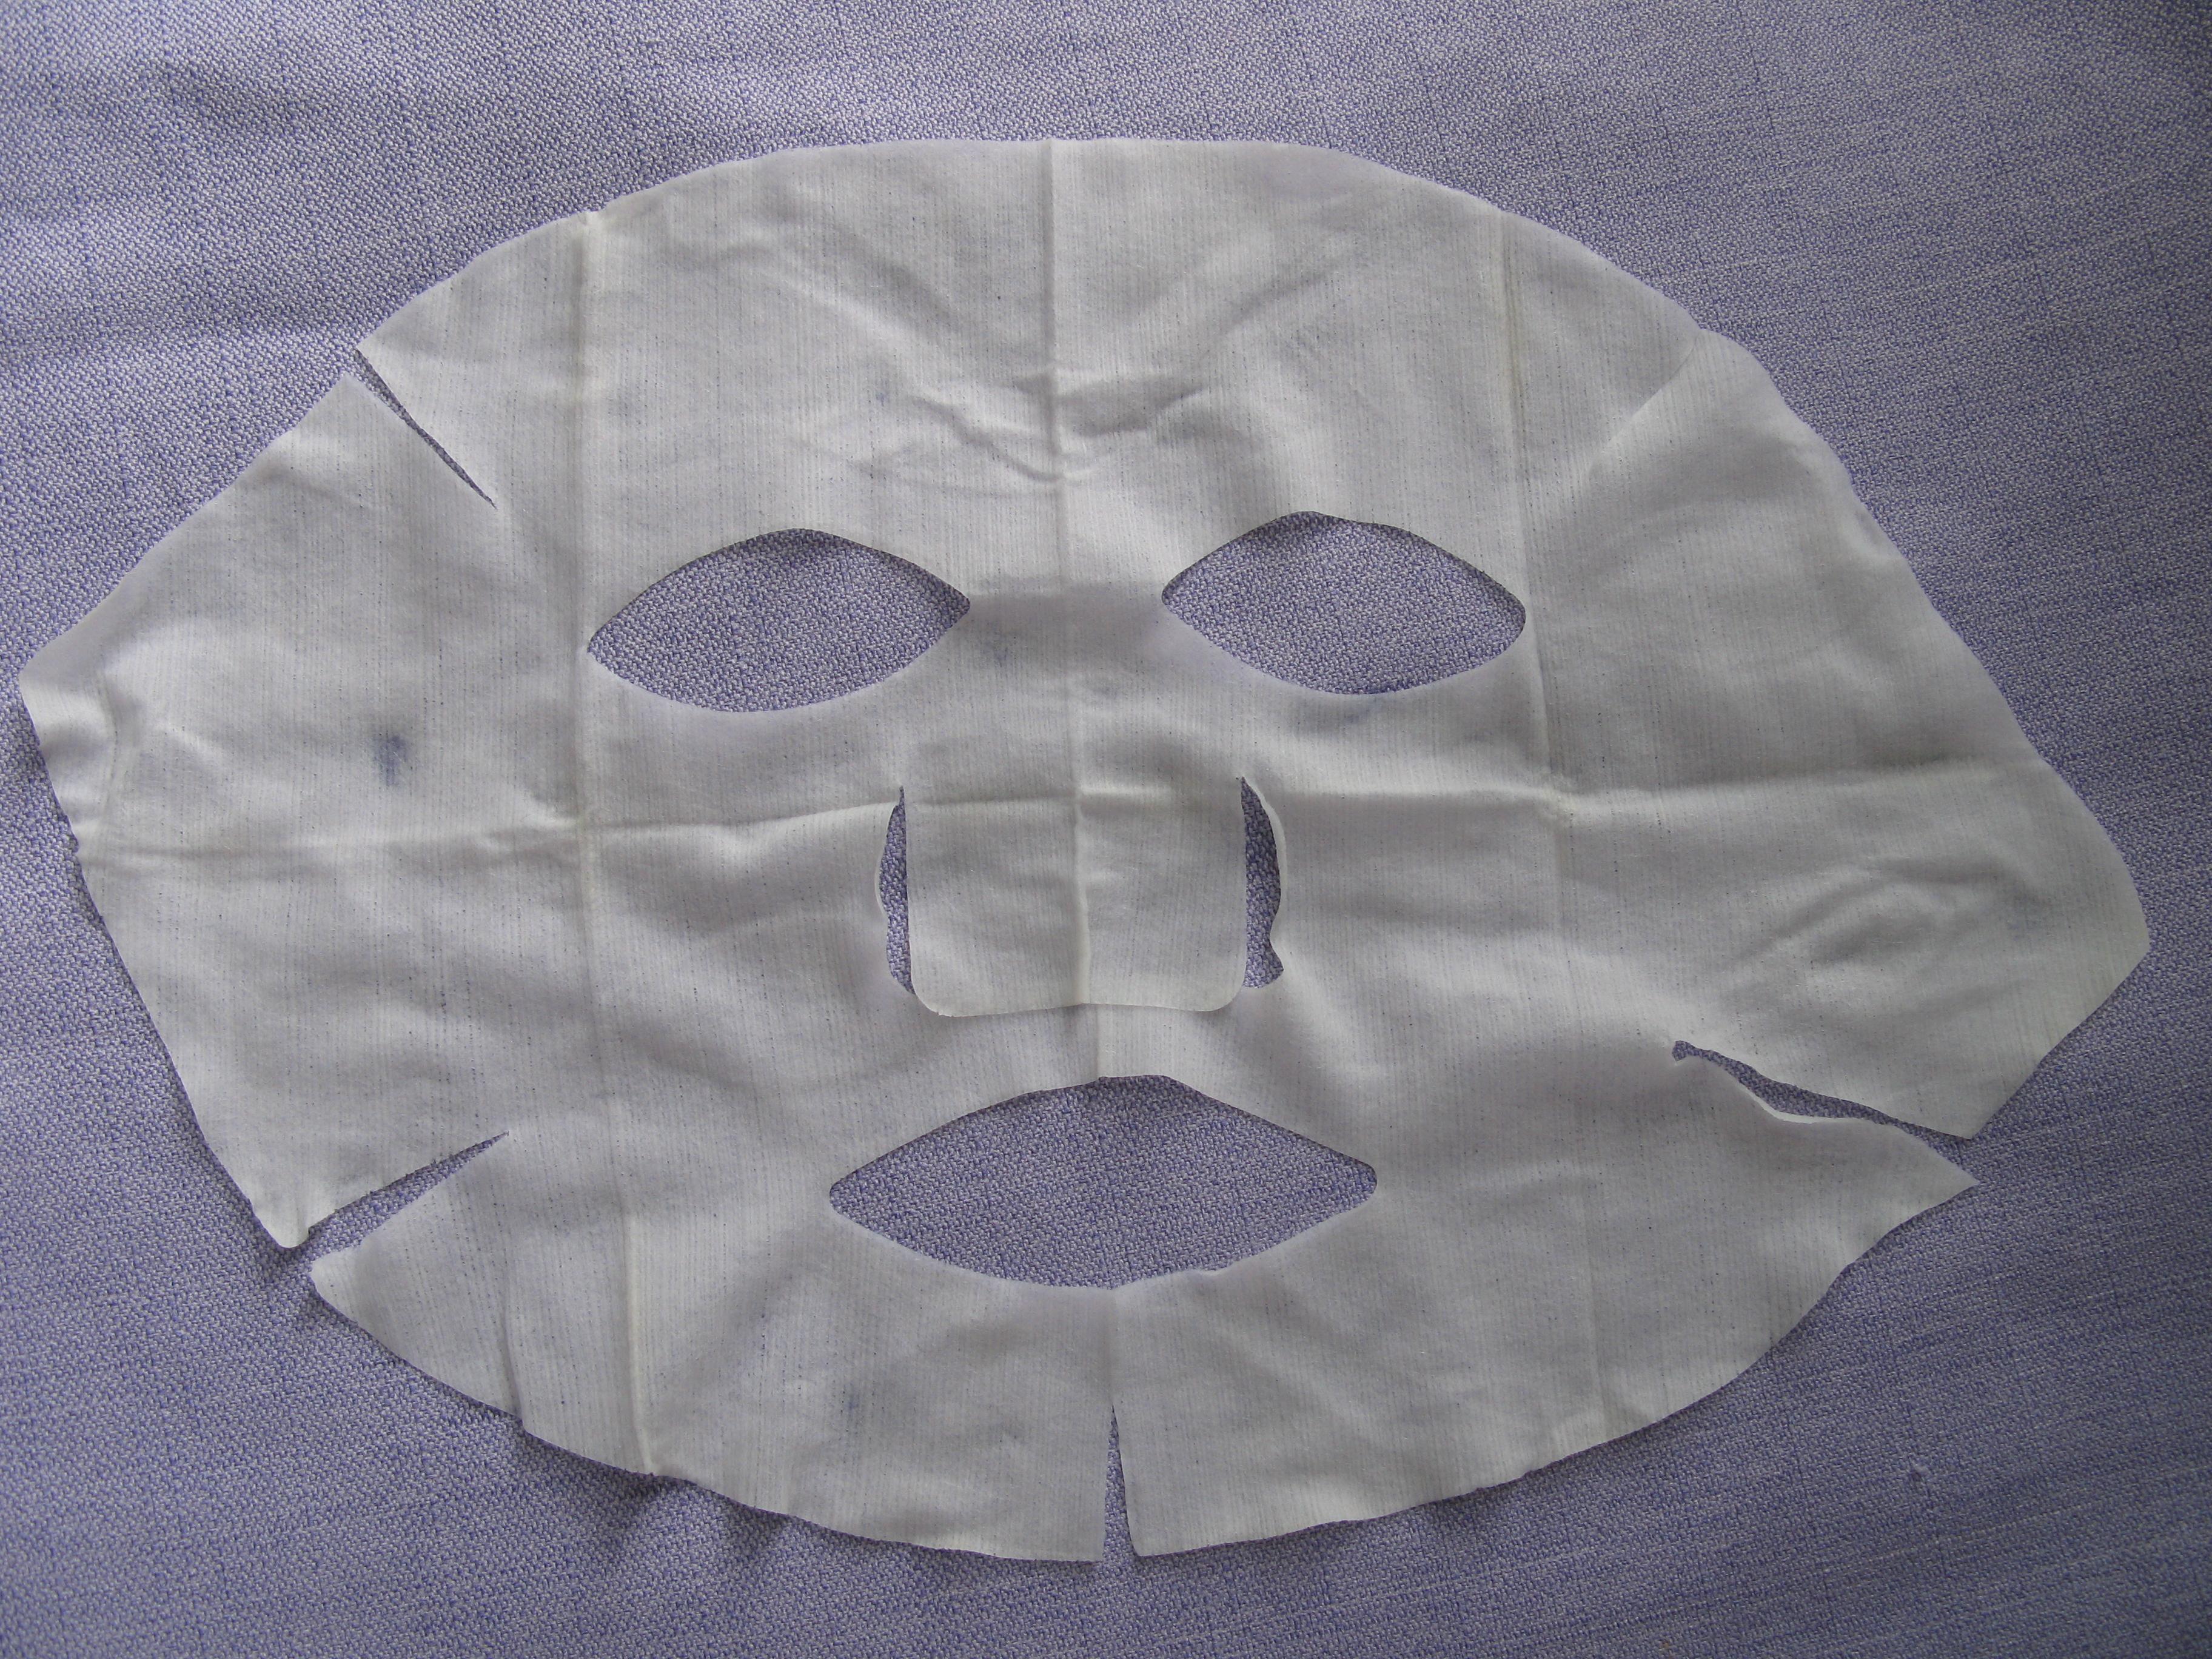 Las máscaras para la persona a 16 muchachas